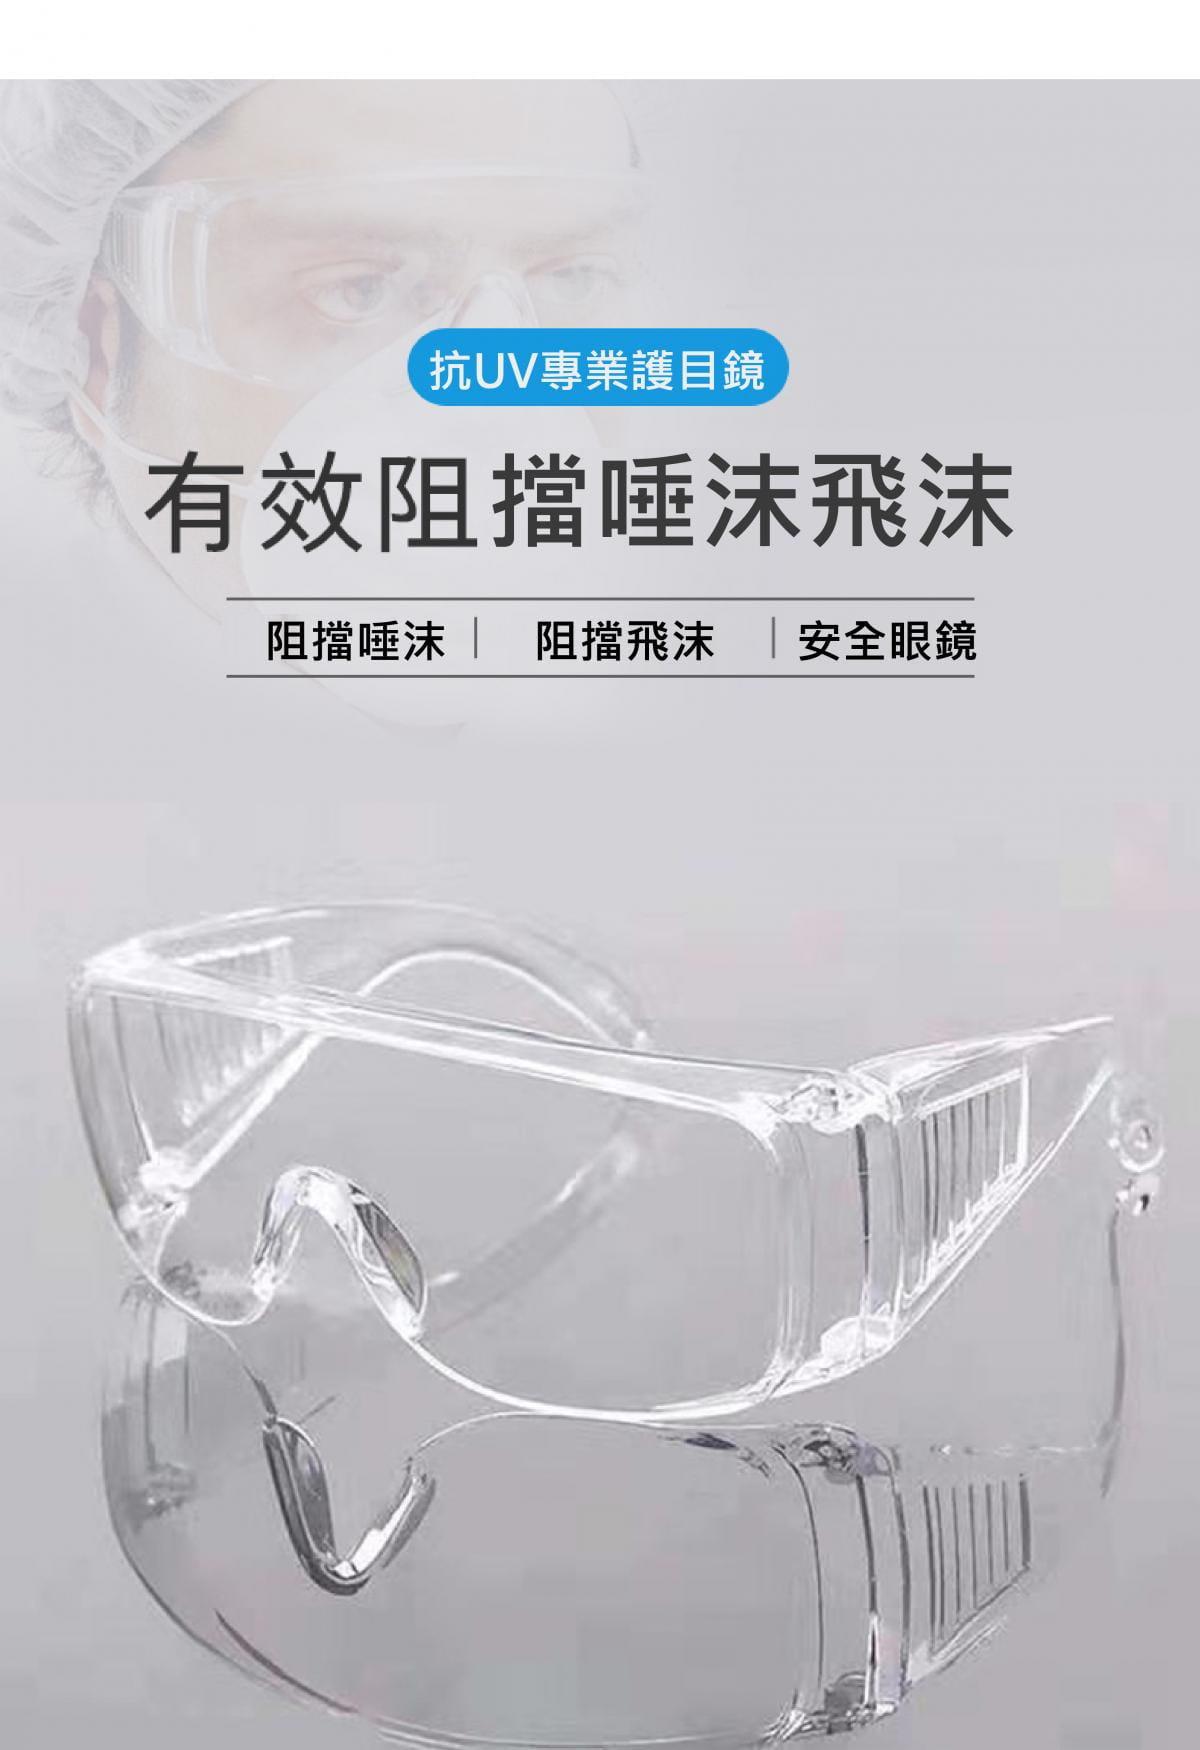 【英才星】台灣製防霧透明運動護目眼鏡 加贈眼鏡袋+眼鏡布 2